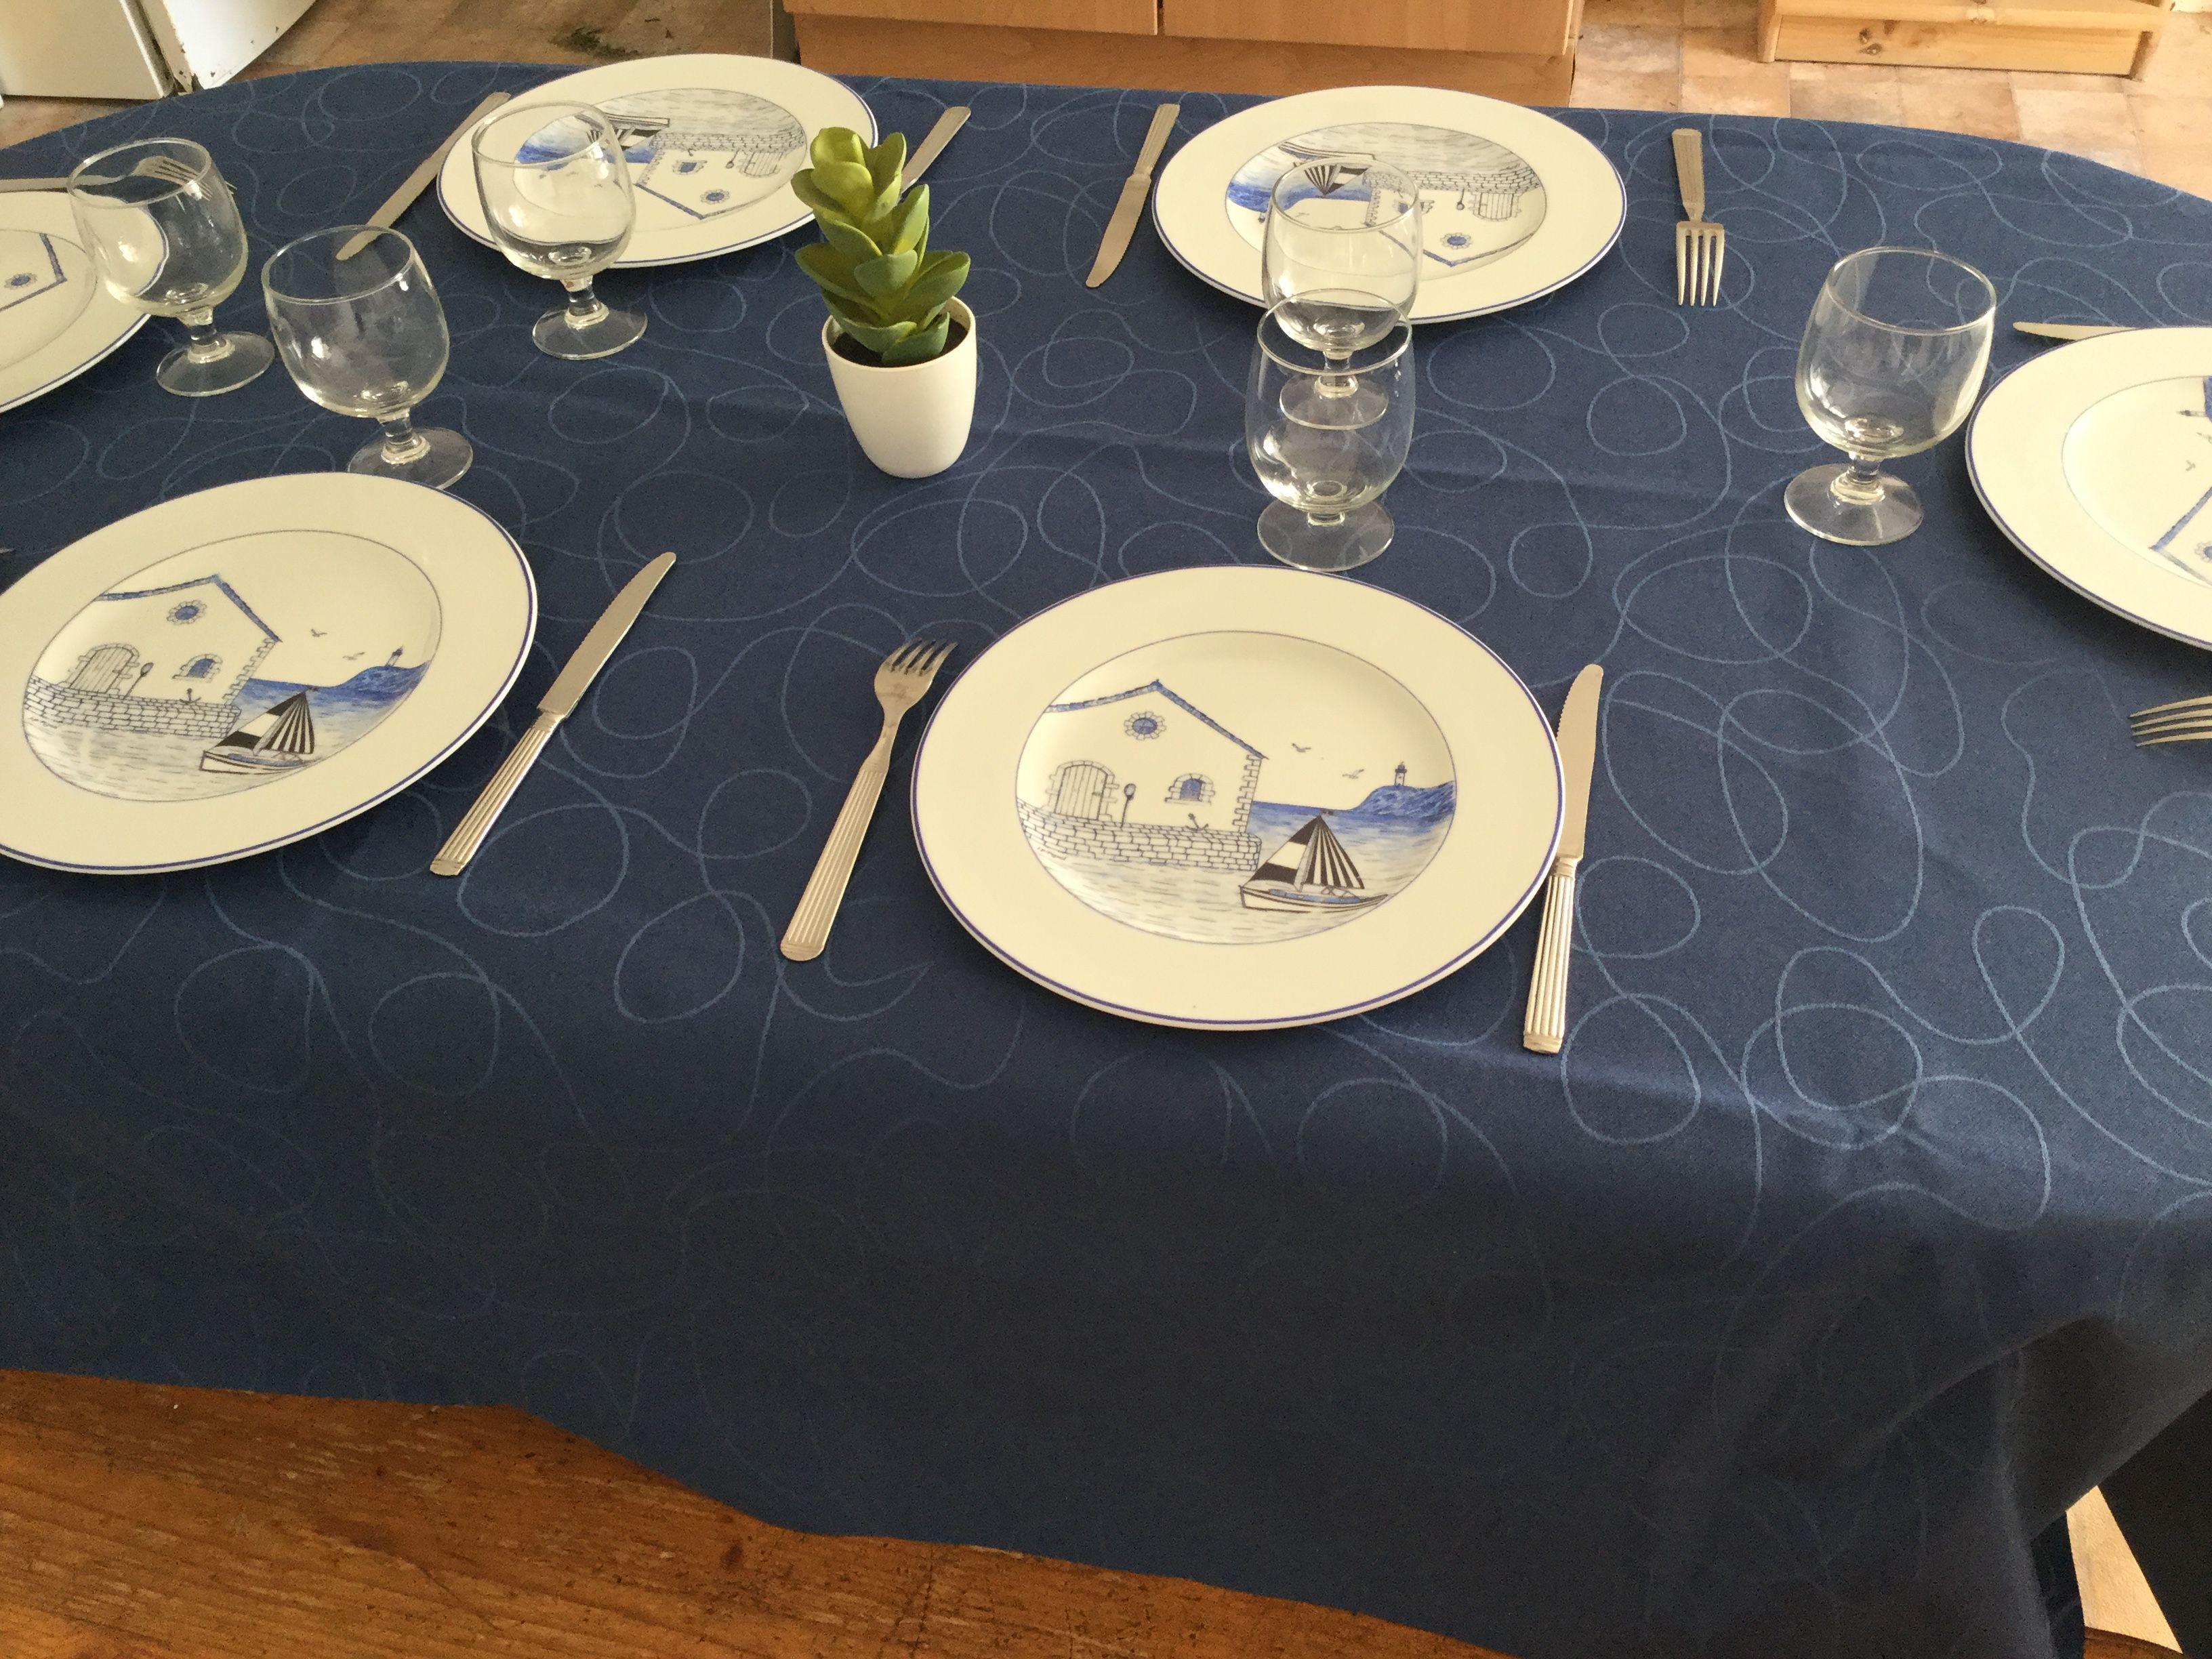 nouvelle nappe bleu pour aller avec les assiettes